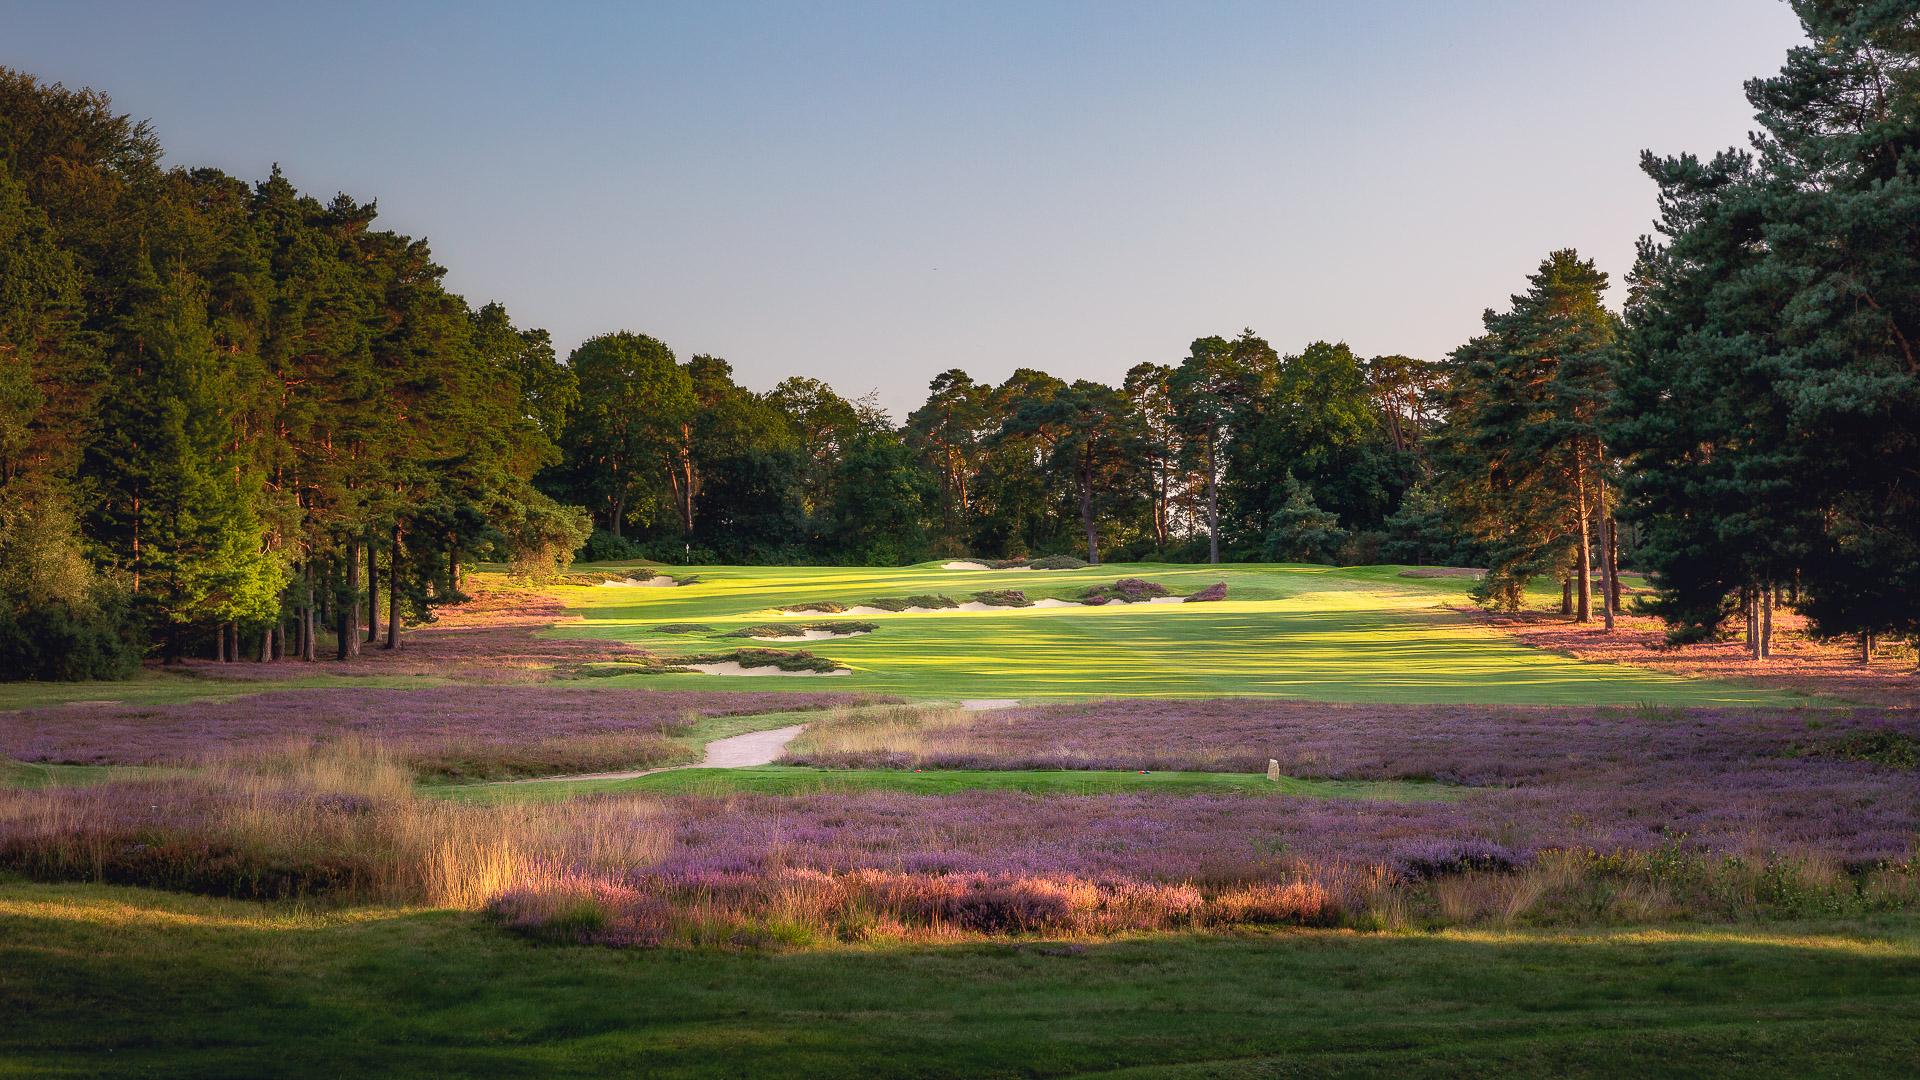 05th-Hole-St-Georges-Hill-Golf-Club-2192-Edit-2